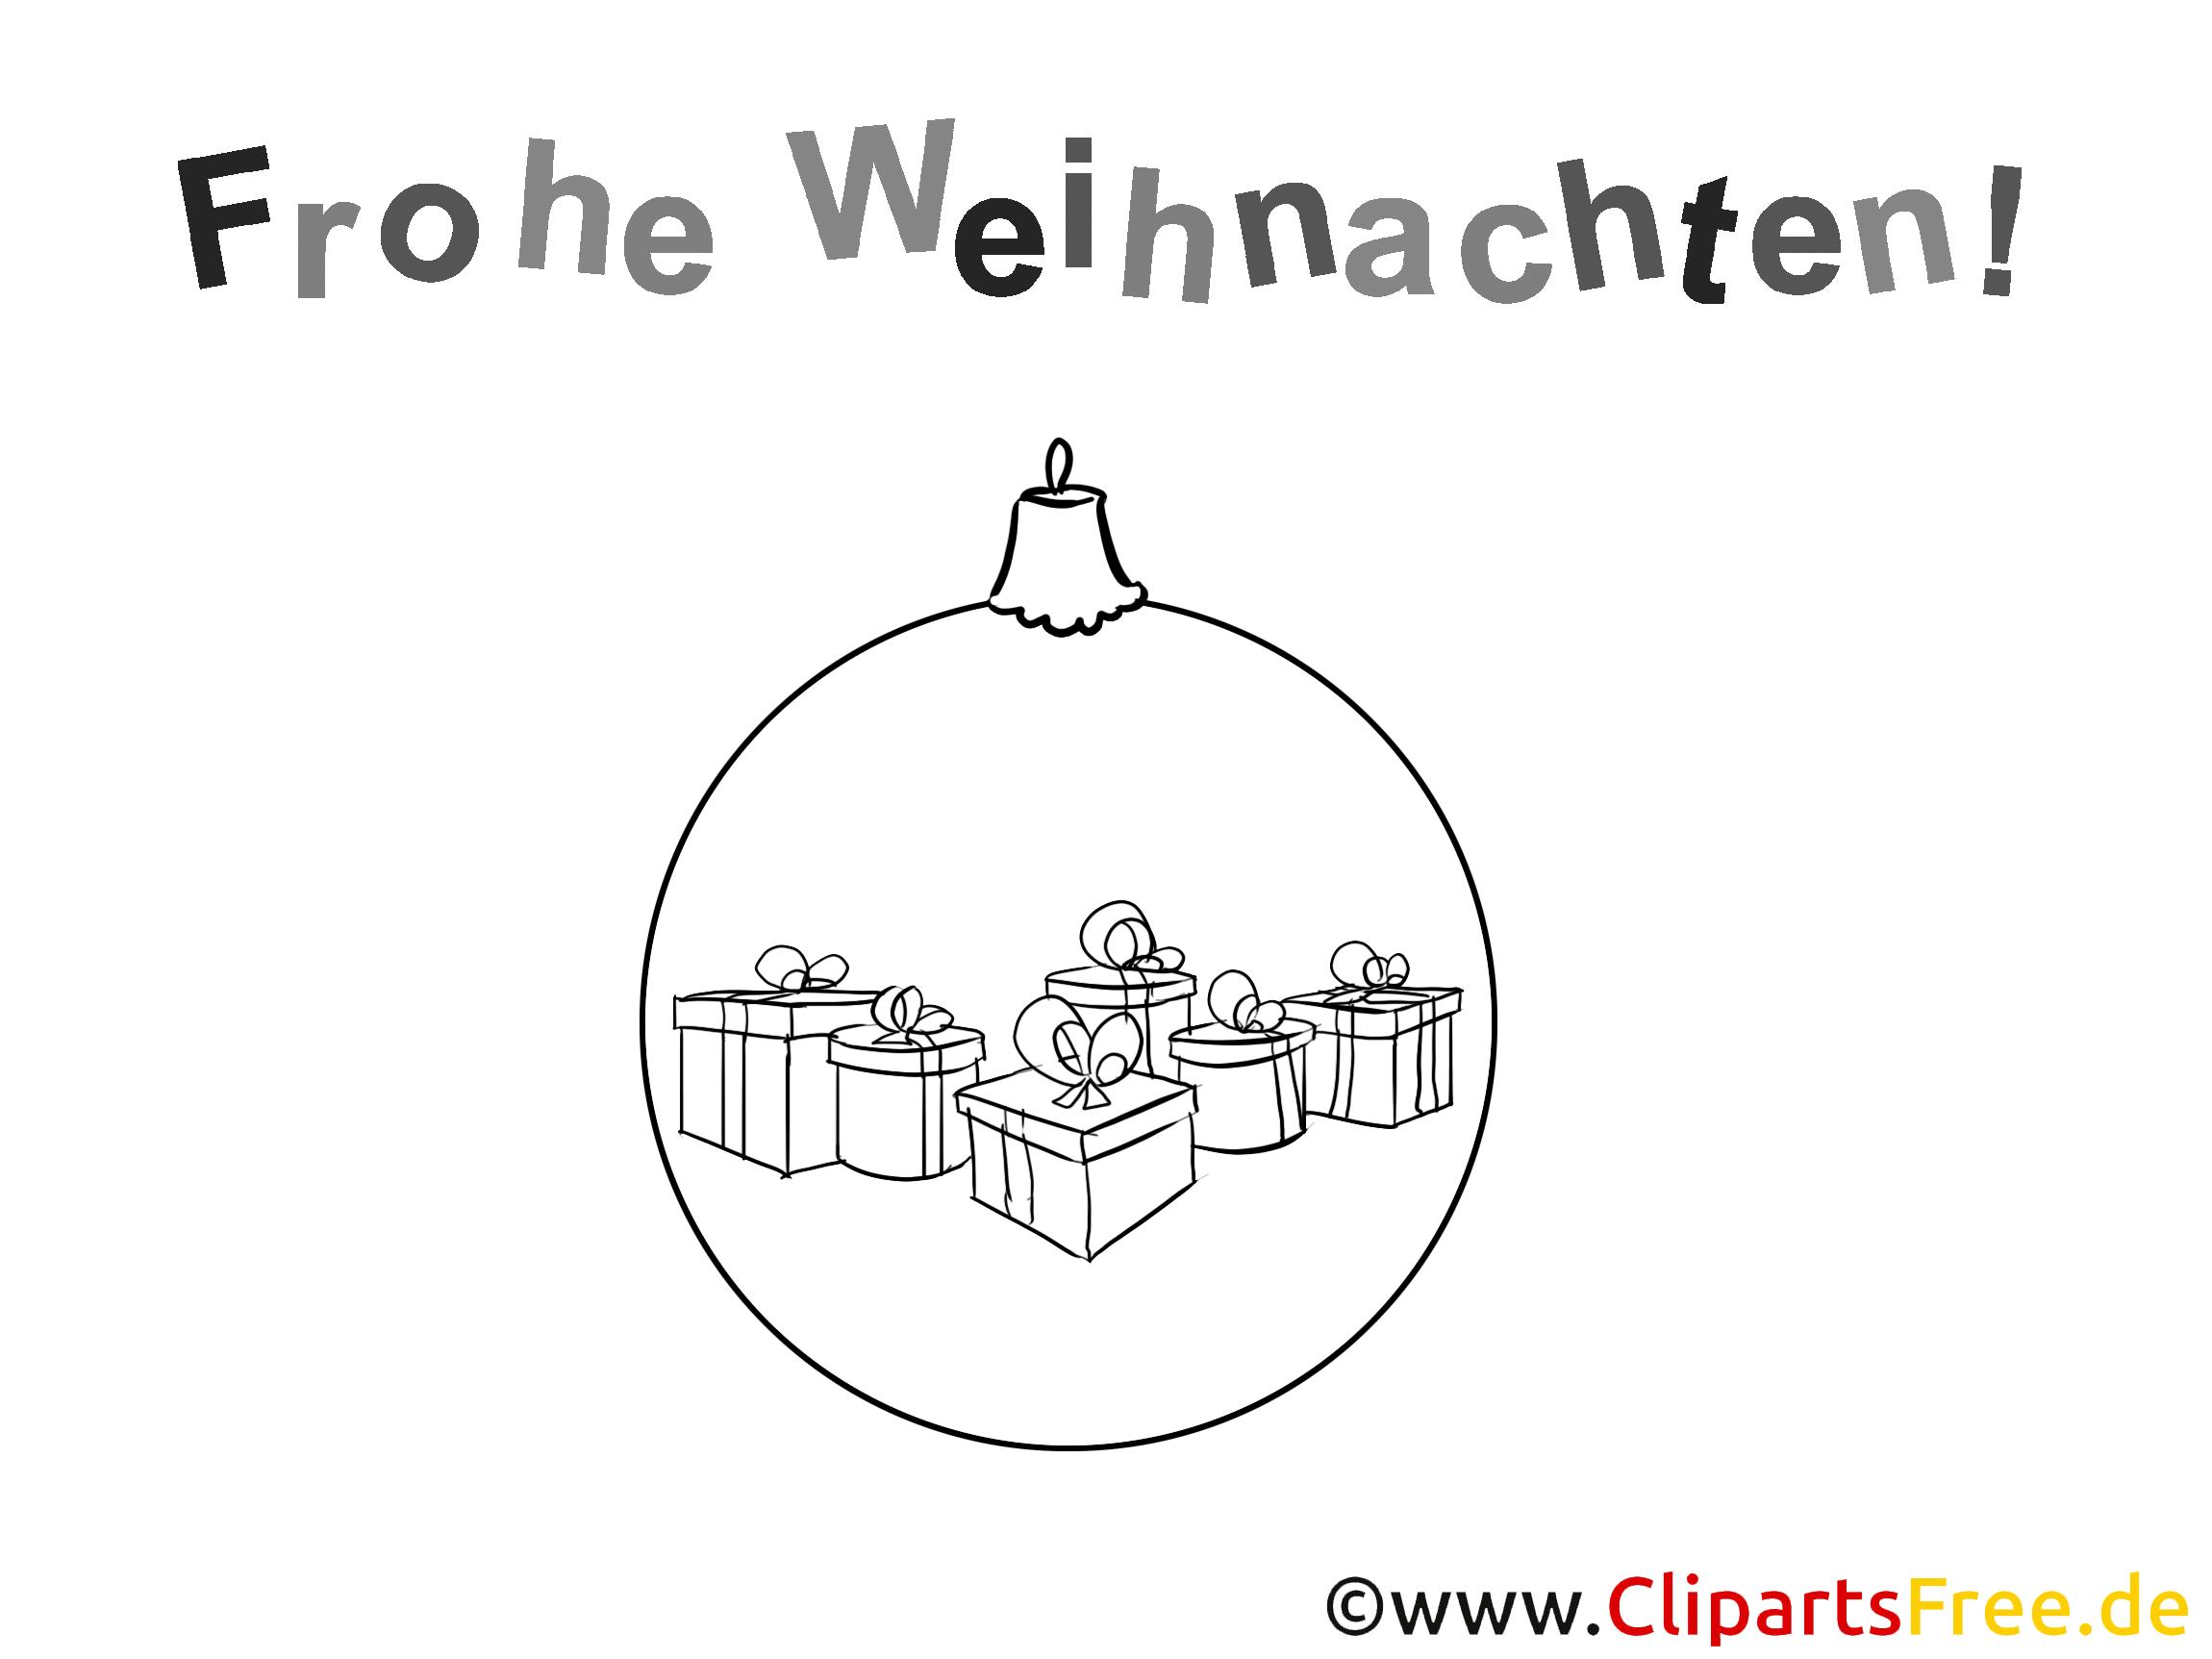 Frohe Weihnachten Ausmalbild zum Drucken